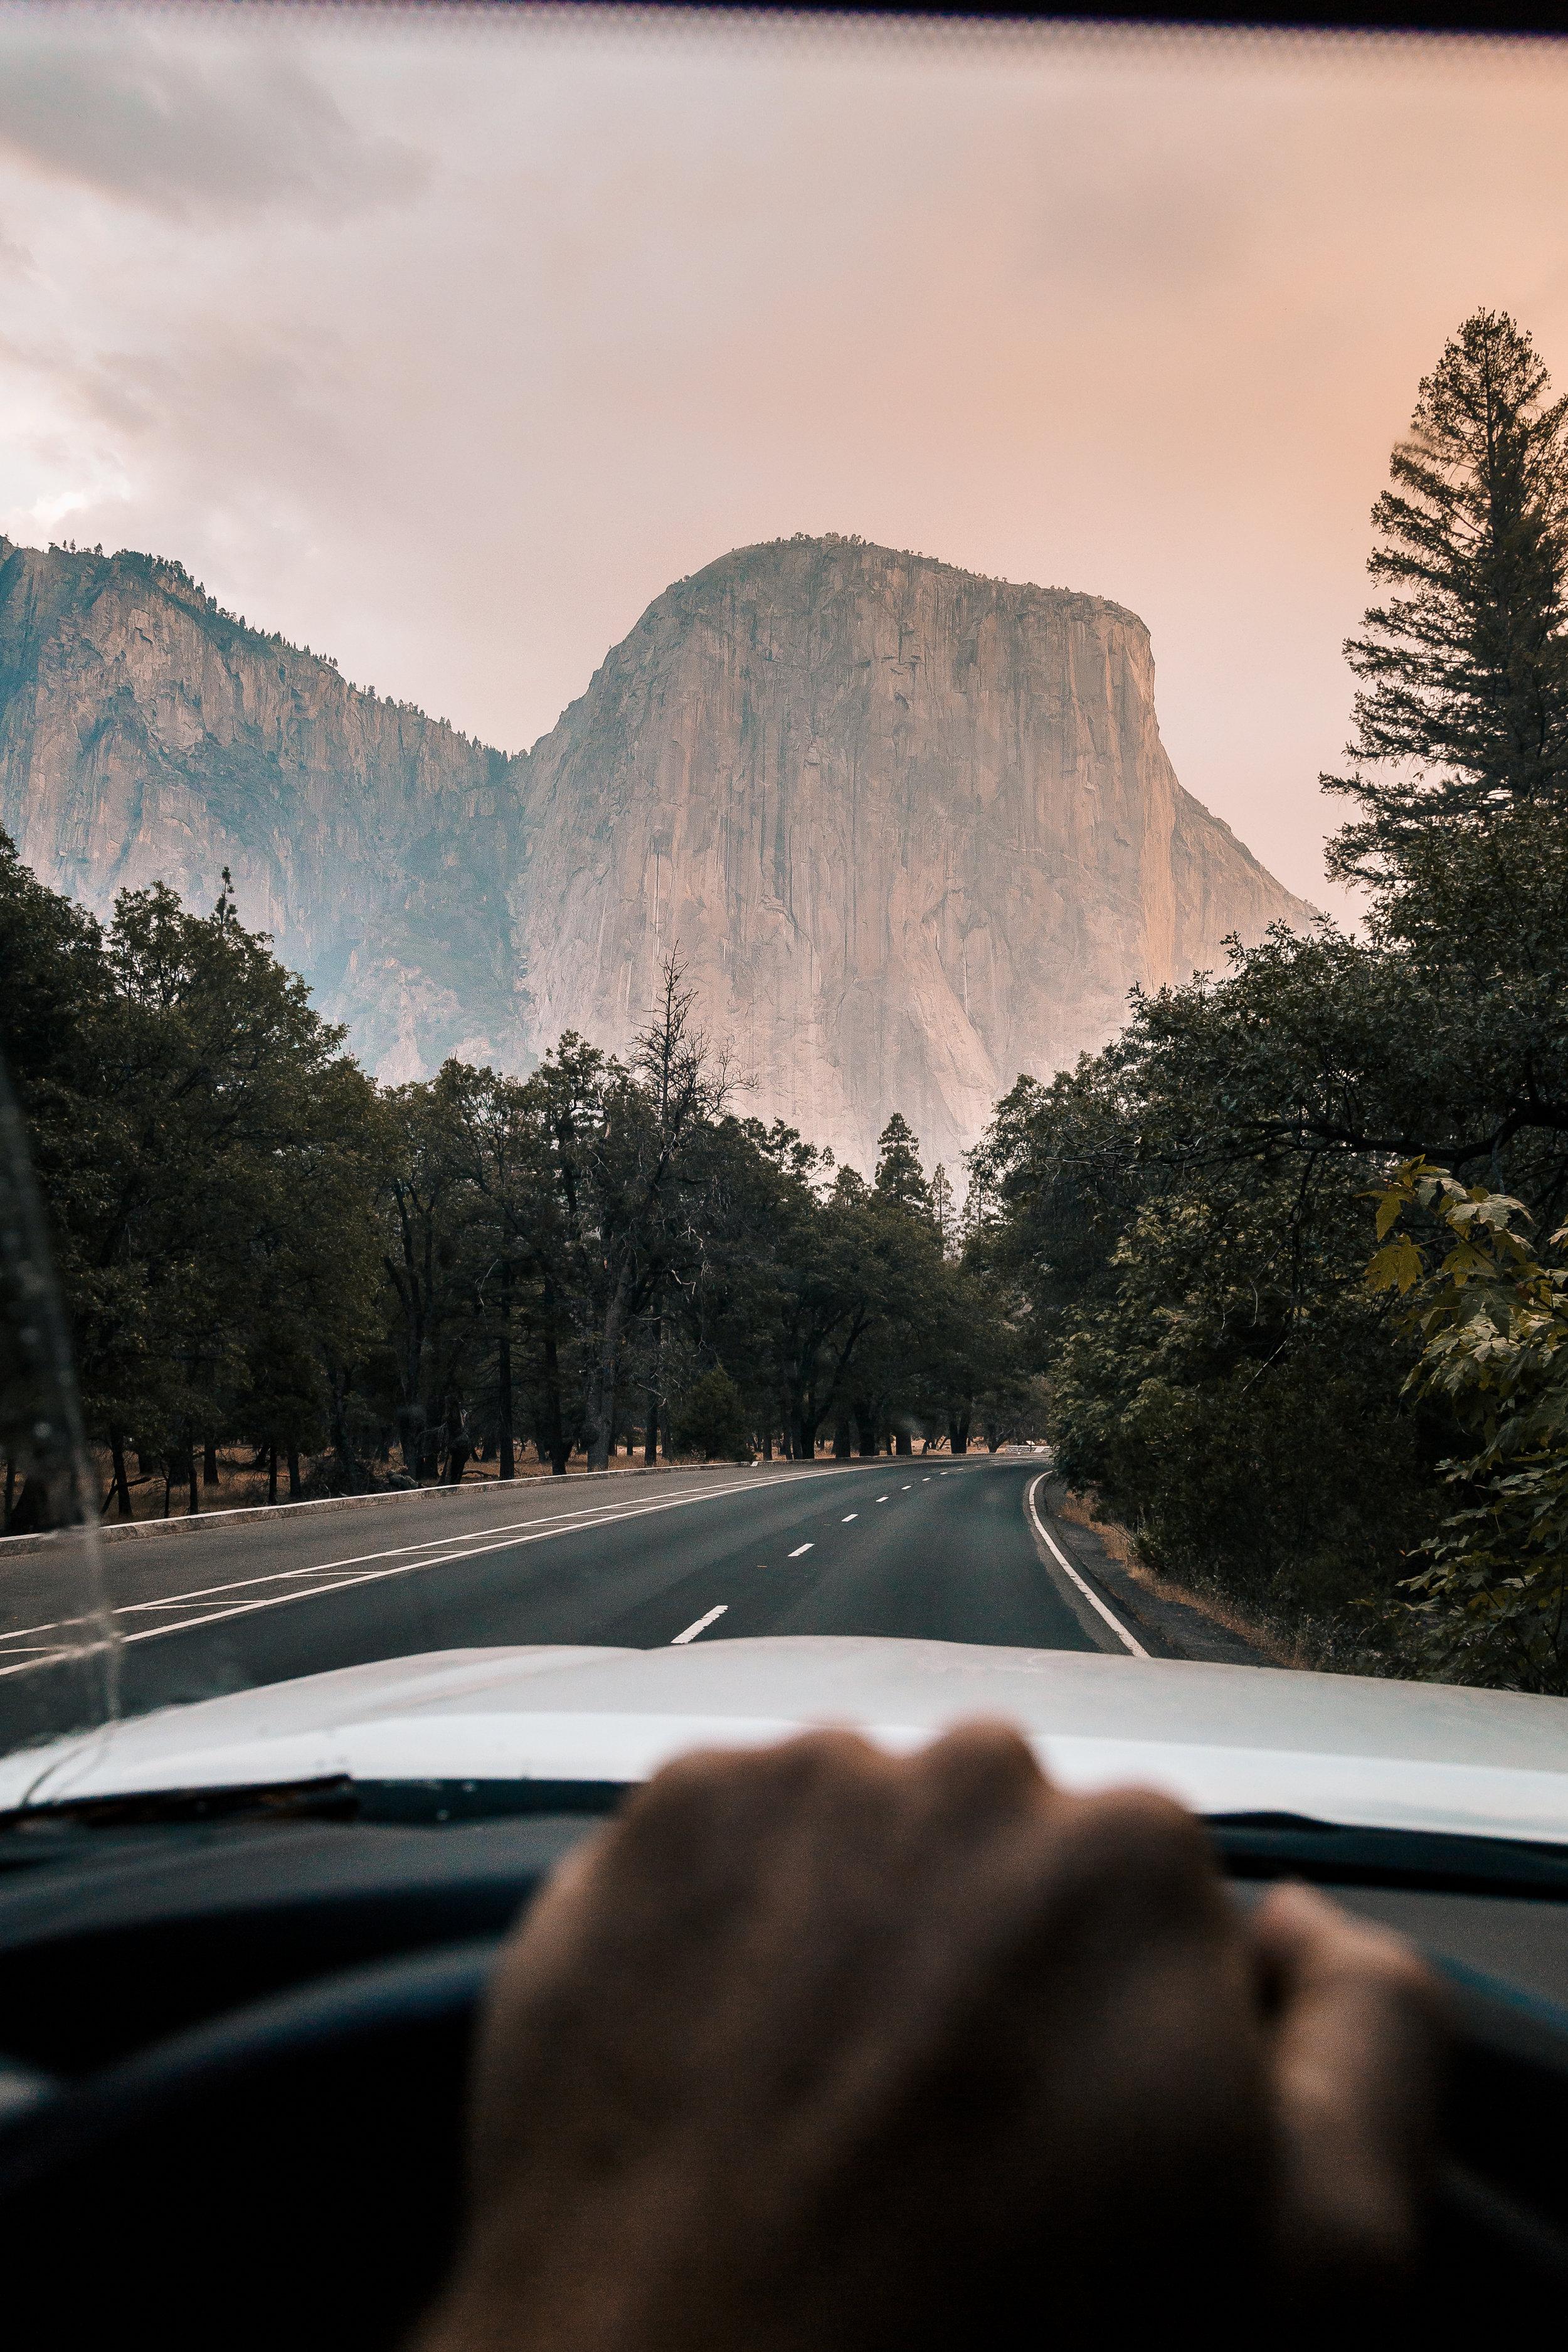 El Cap at the end of the road. Photo: @francisfaroli